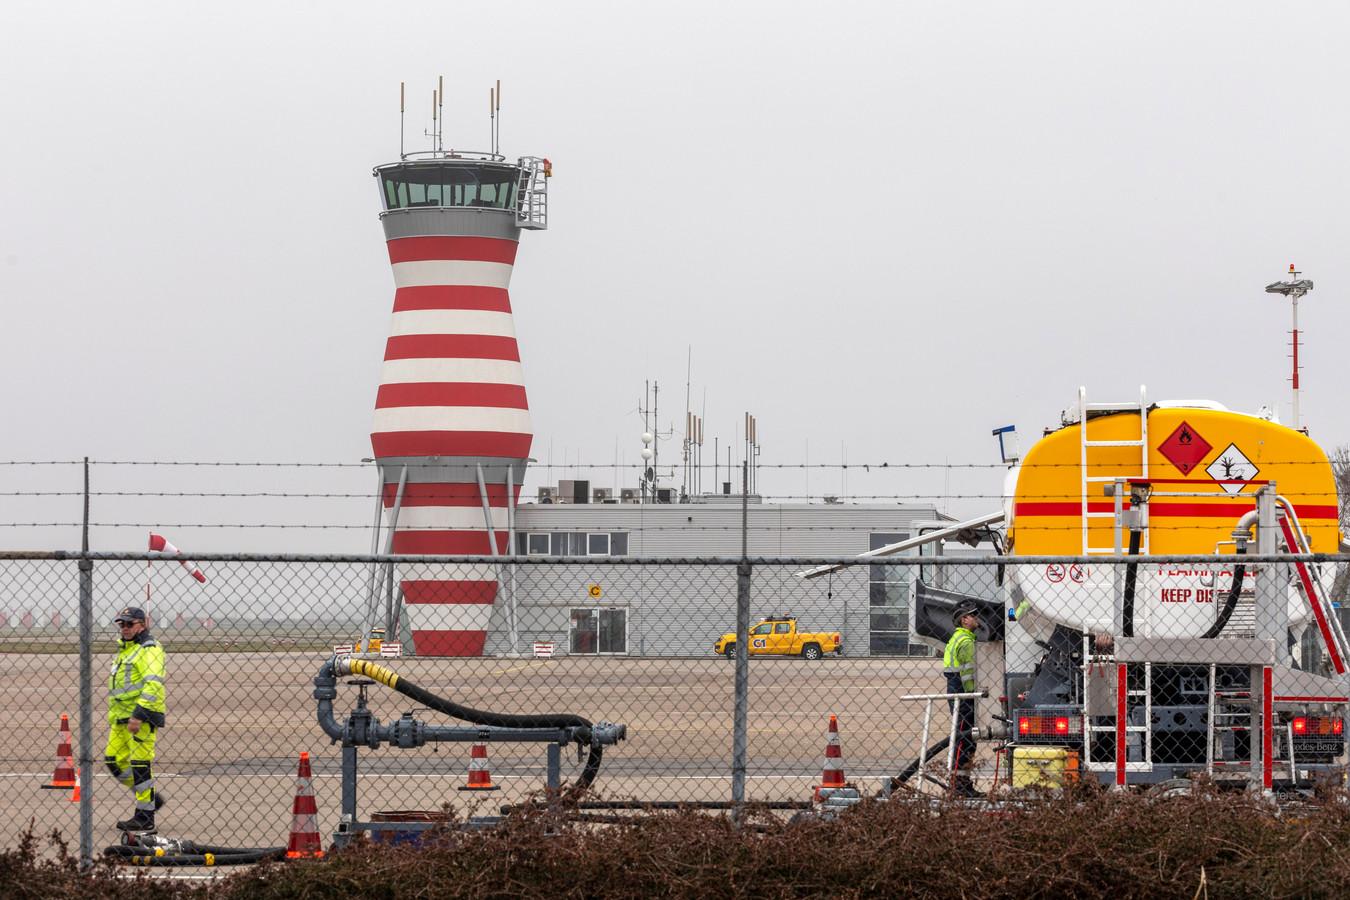 De verkeerstoren van Lelystad Airport heeft nauwelijks wat te doen.